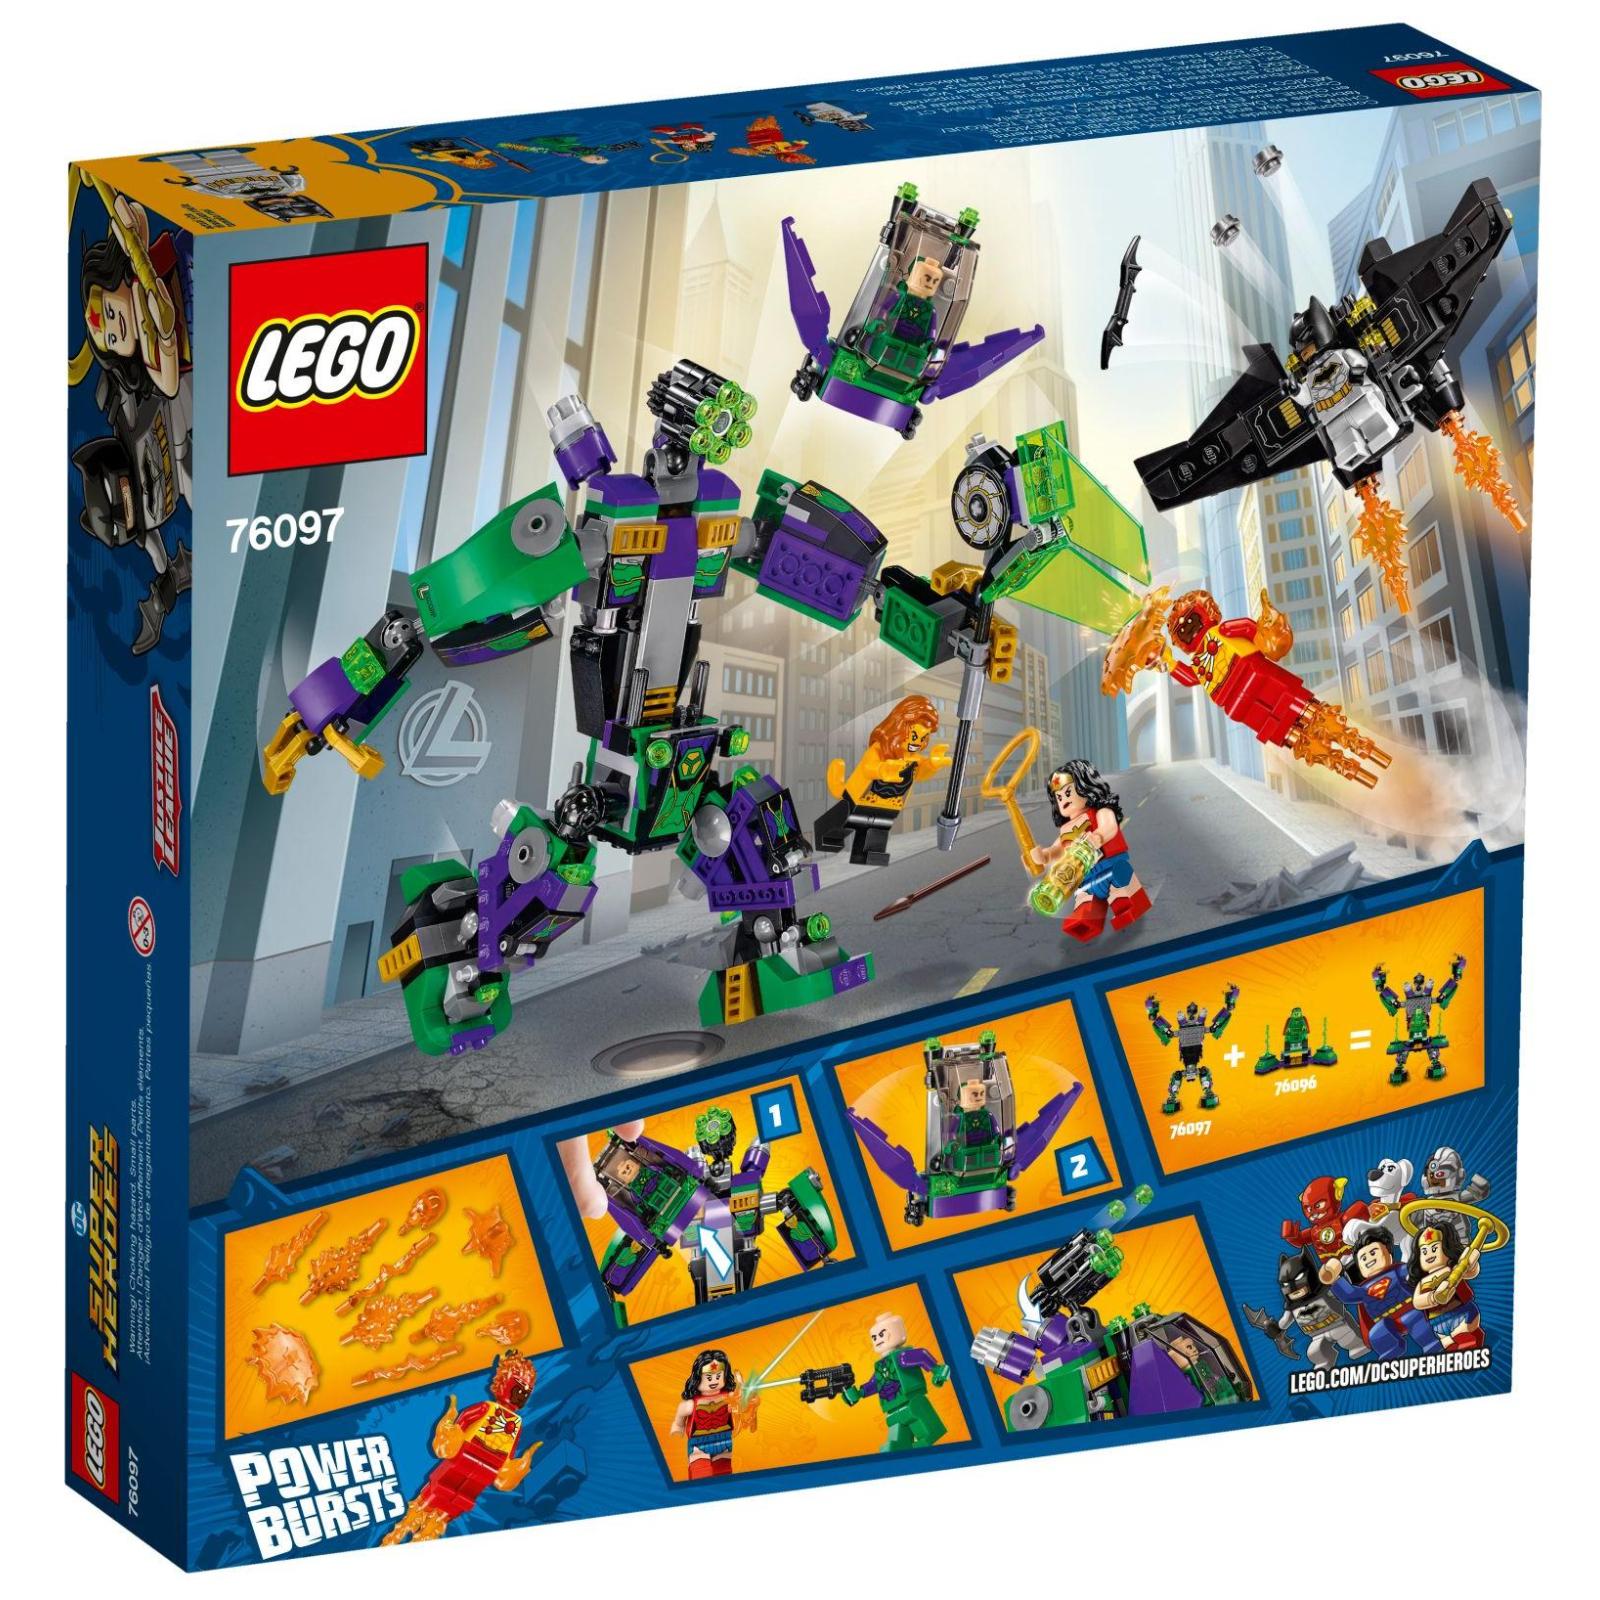 Конструктор LEGO Super Heroes Робоштурм Лекс Лютор (76097) изображение 12